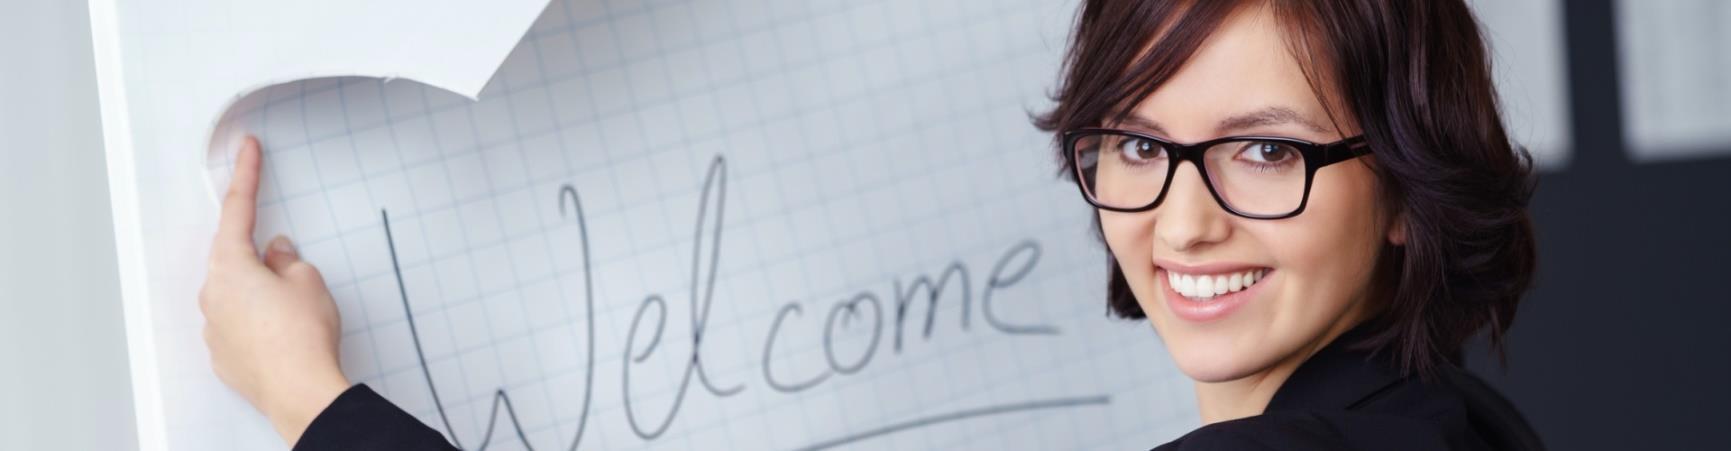 welcome-startseite